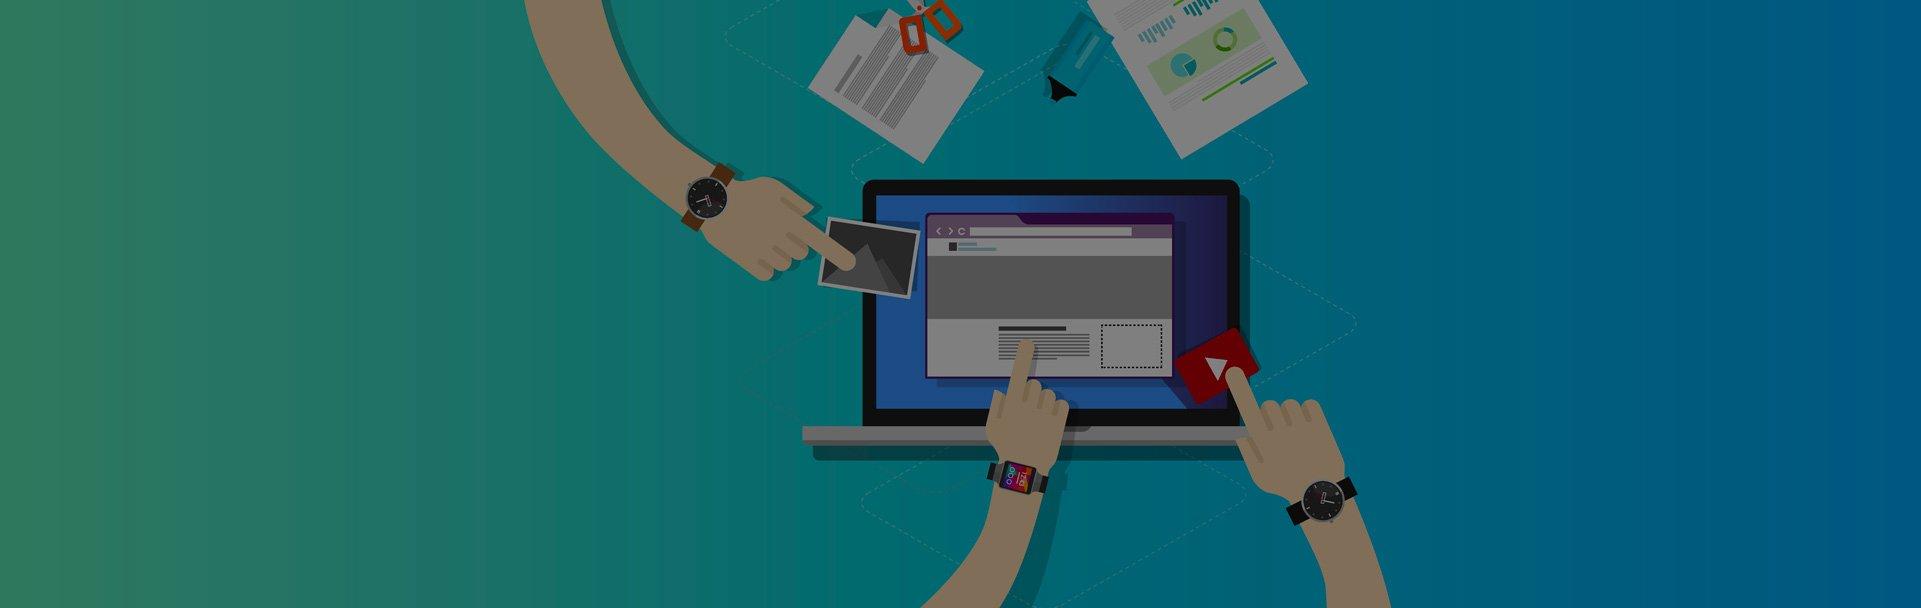 Blog-Solucionweb-Que-debo-publicar-en-redes-sociales-para-que-mi-estrategia-digital-funcione-02